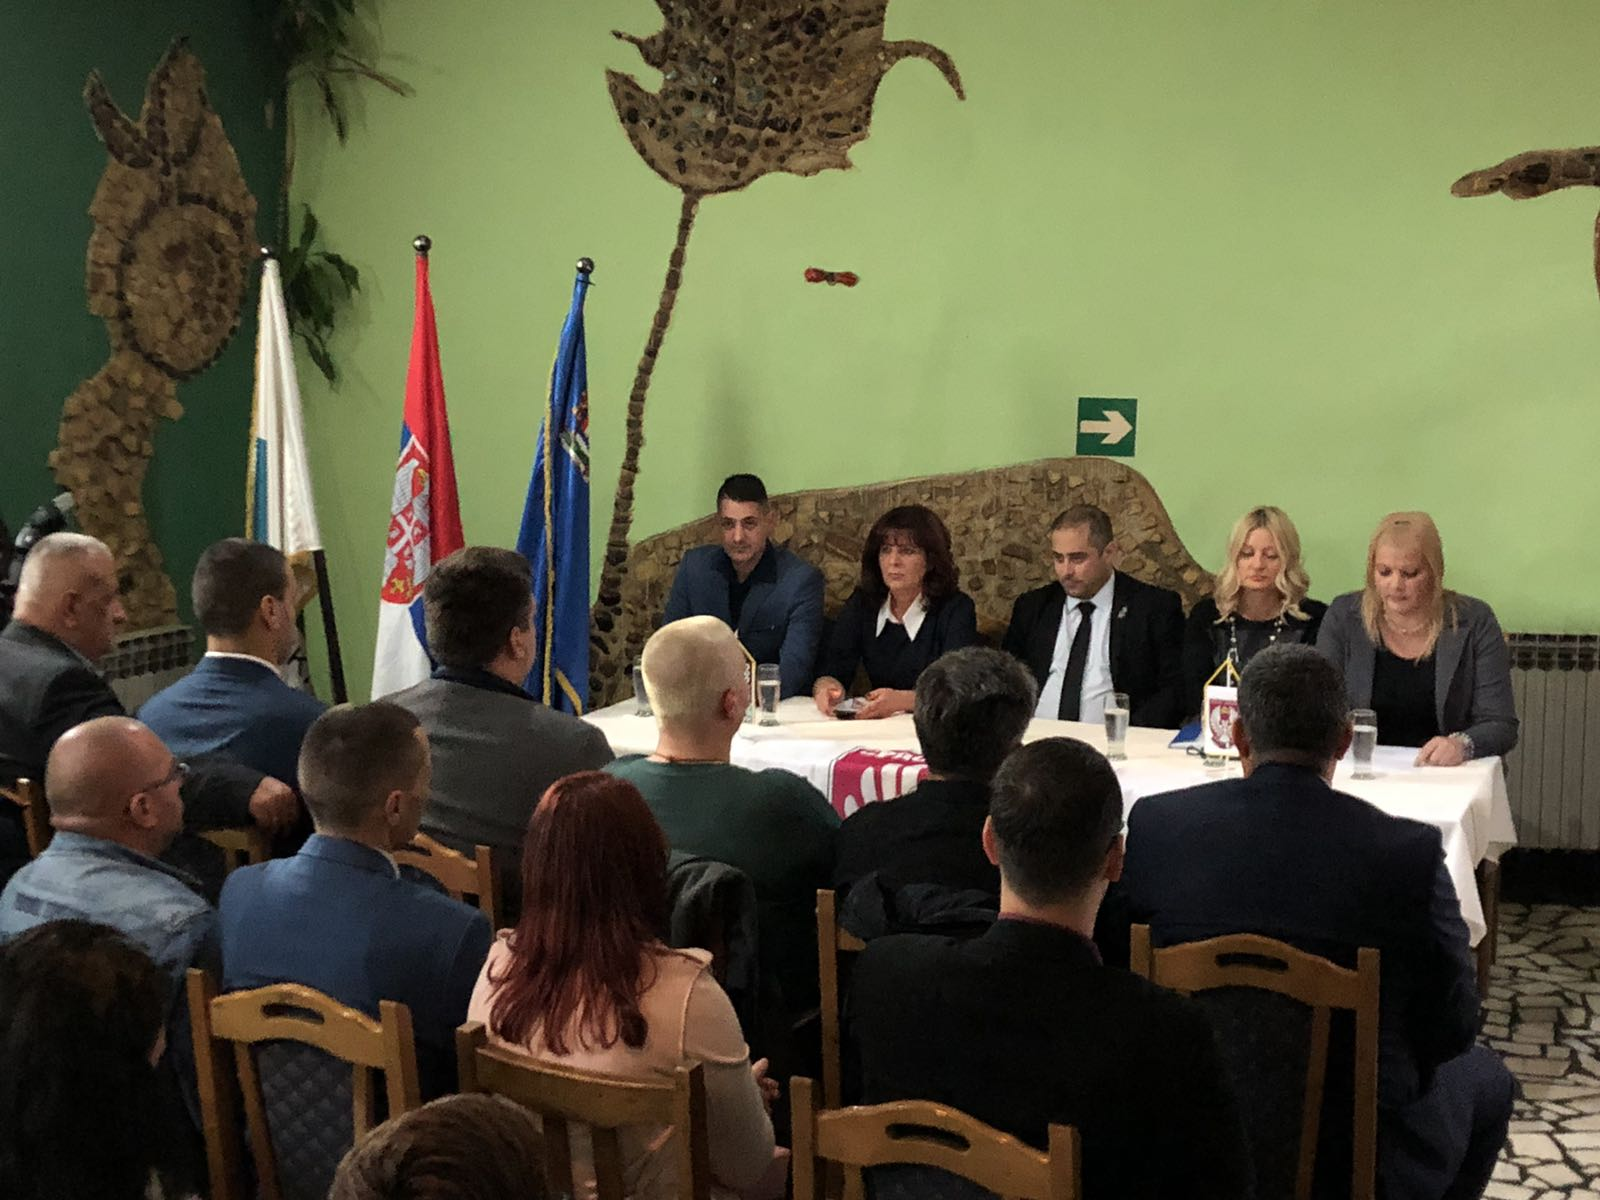 Основана Српска Десница у Нишкој Бањи, фото: М. Миладиновић